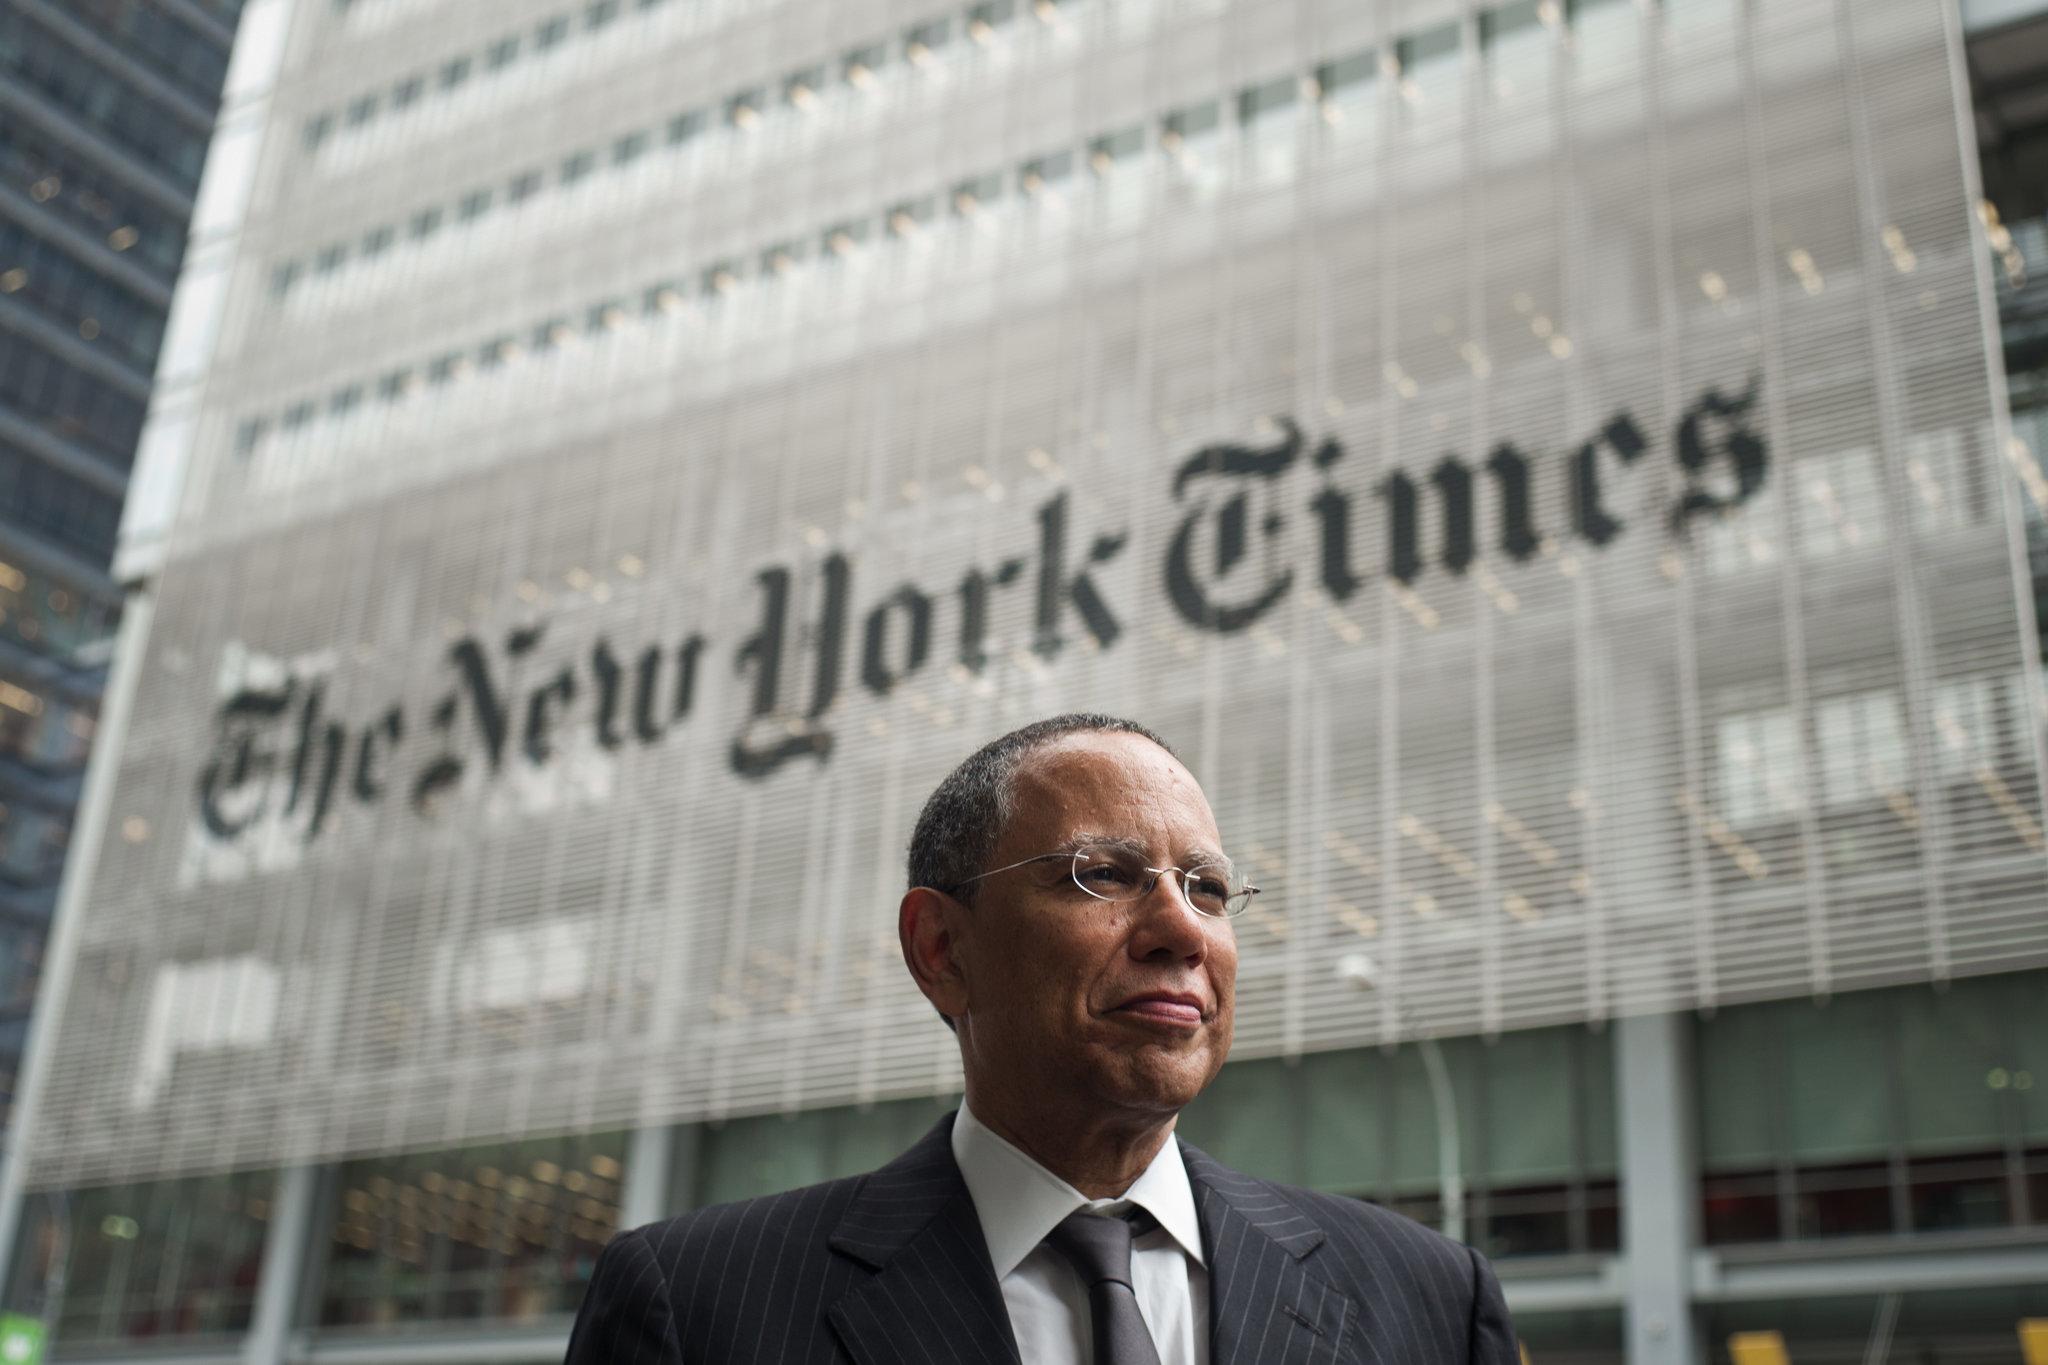 Dean Baquet, executive editor of The New York Times